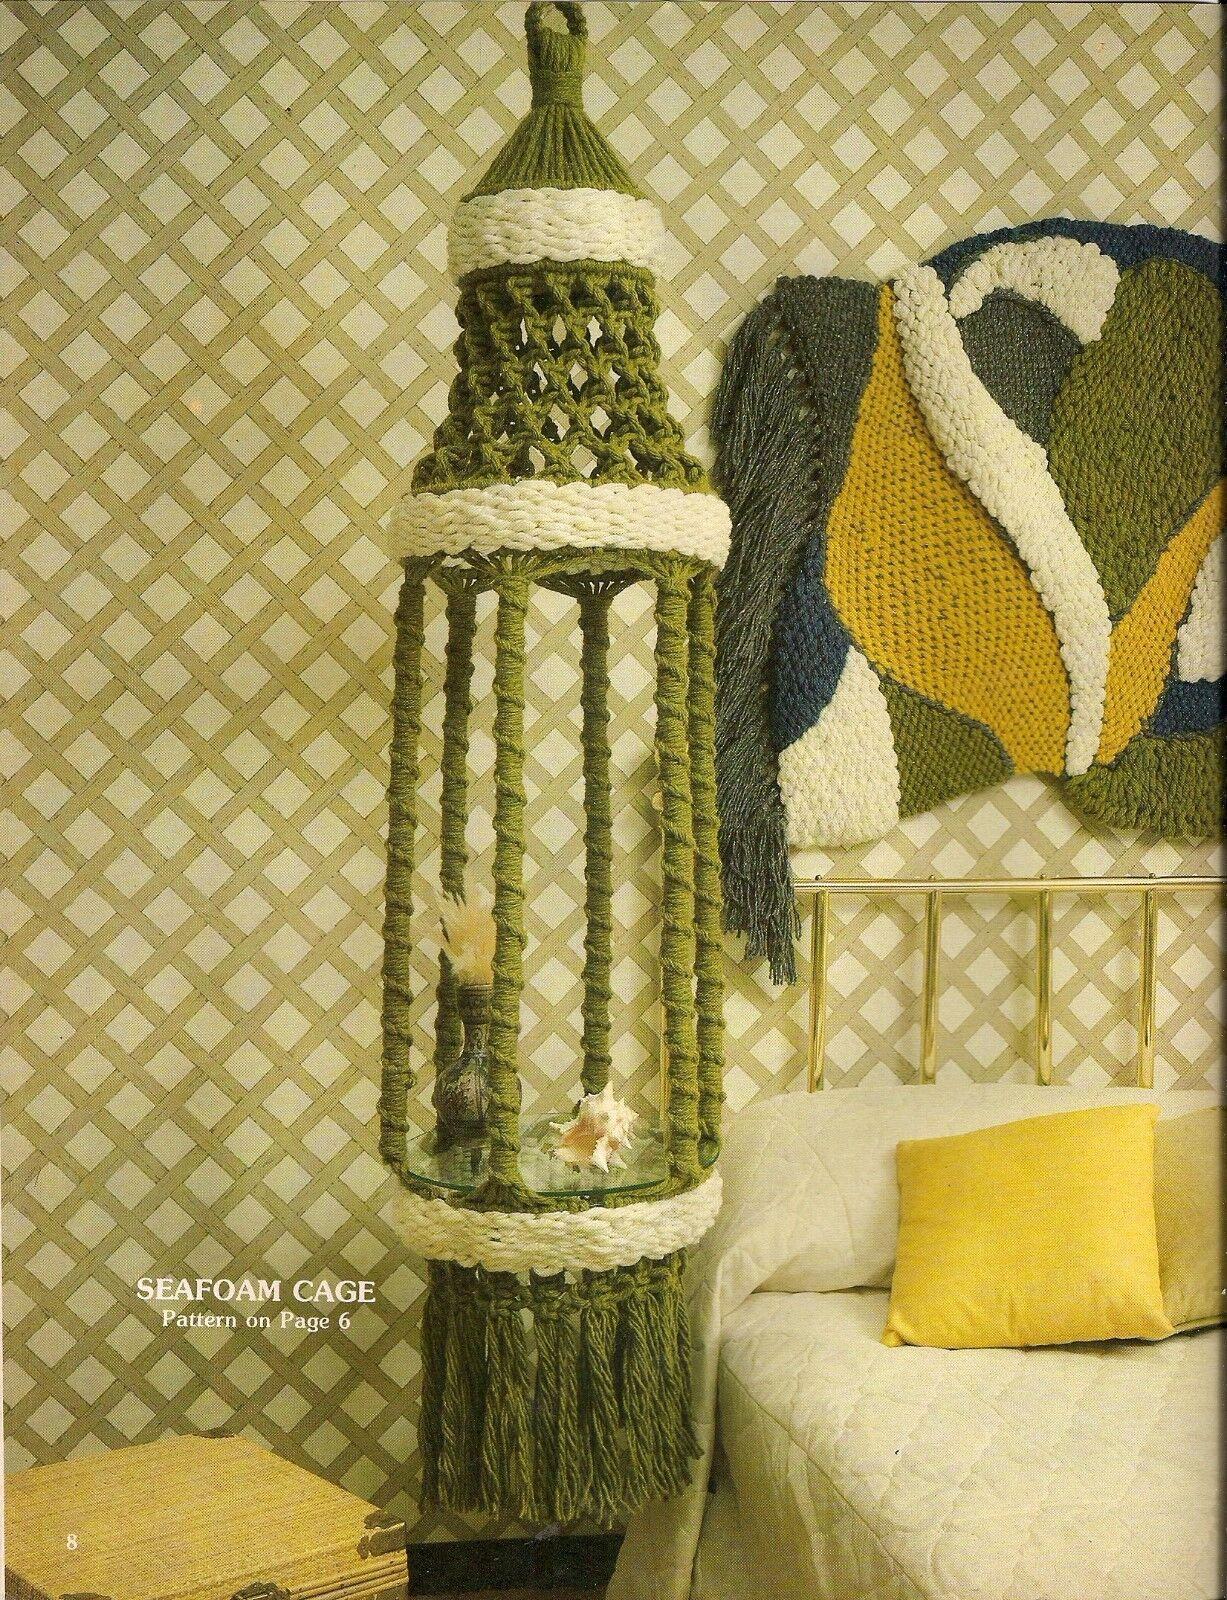 MACRAME PLANT HANGER, Waste Basket & Picture Frame - Craft Book ...